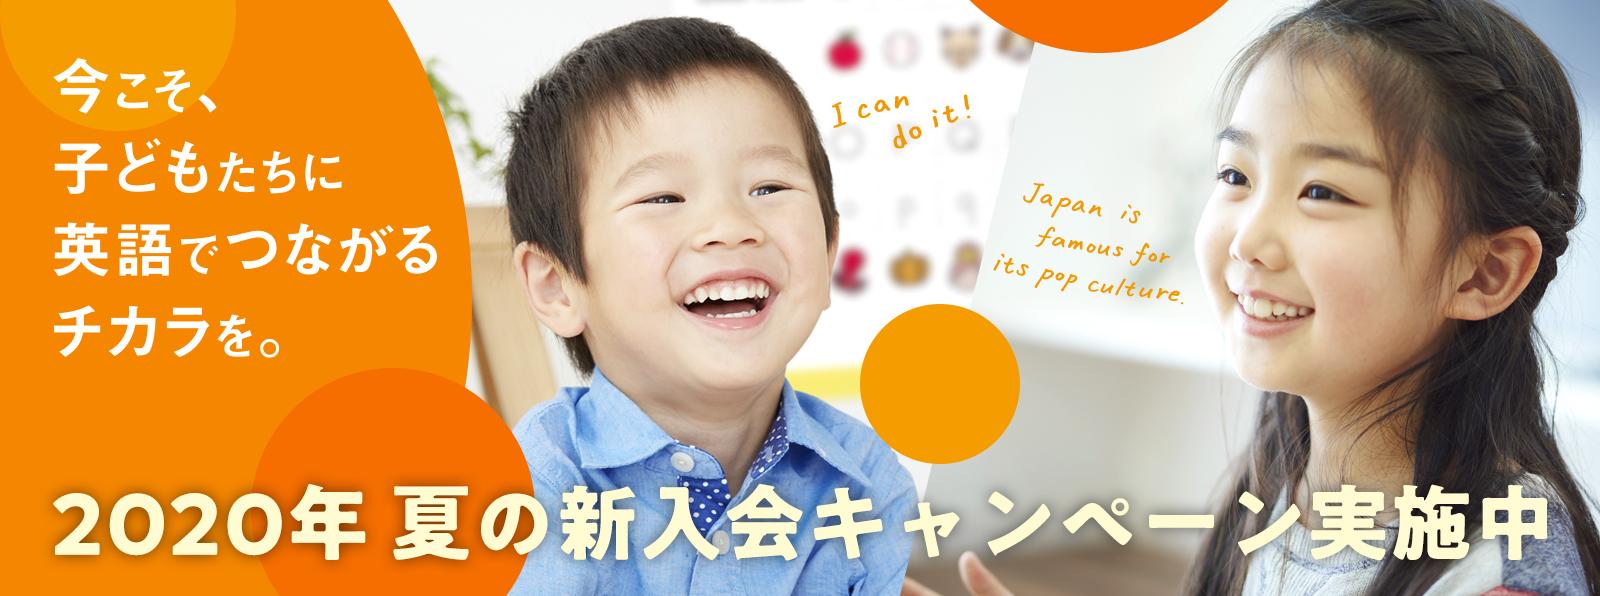 campaign_main_pc_natsu